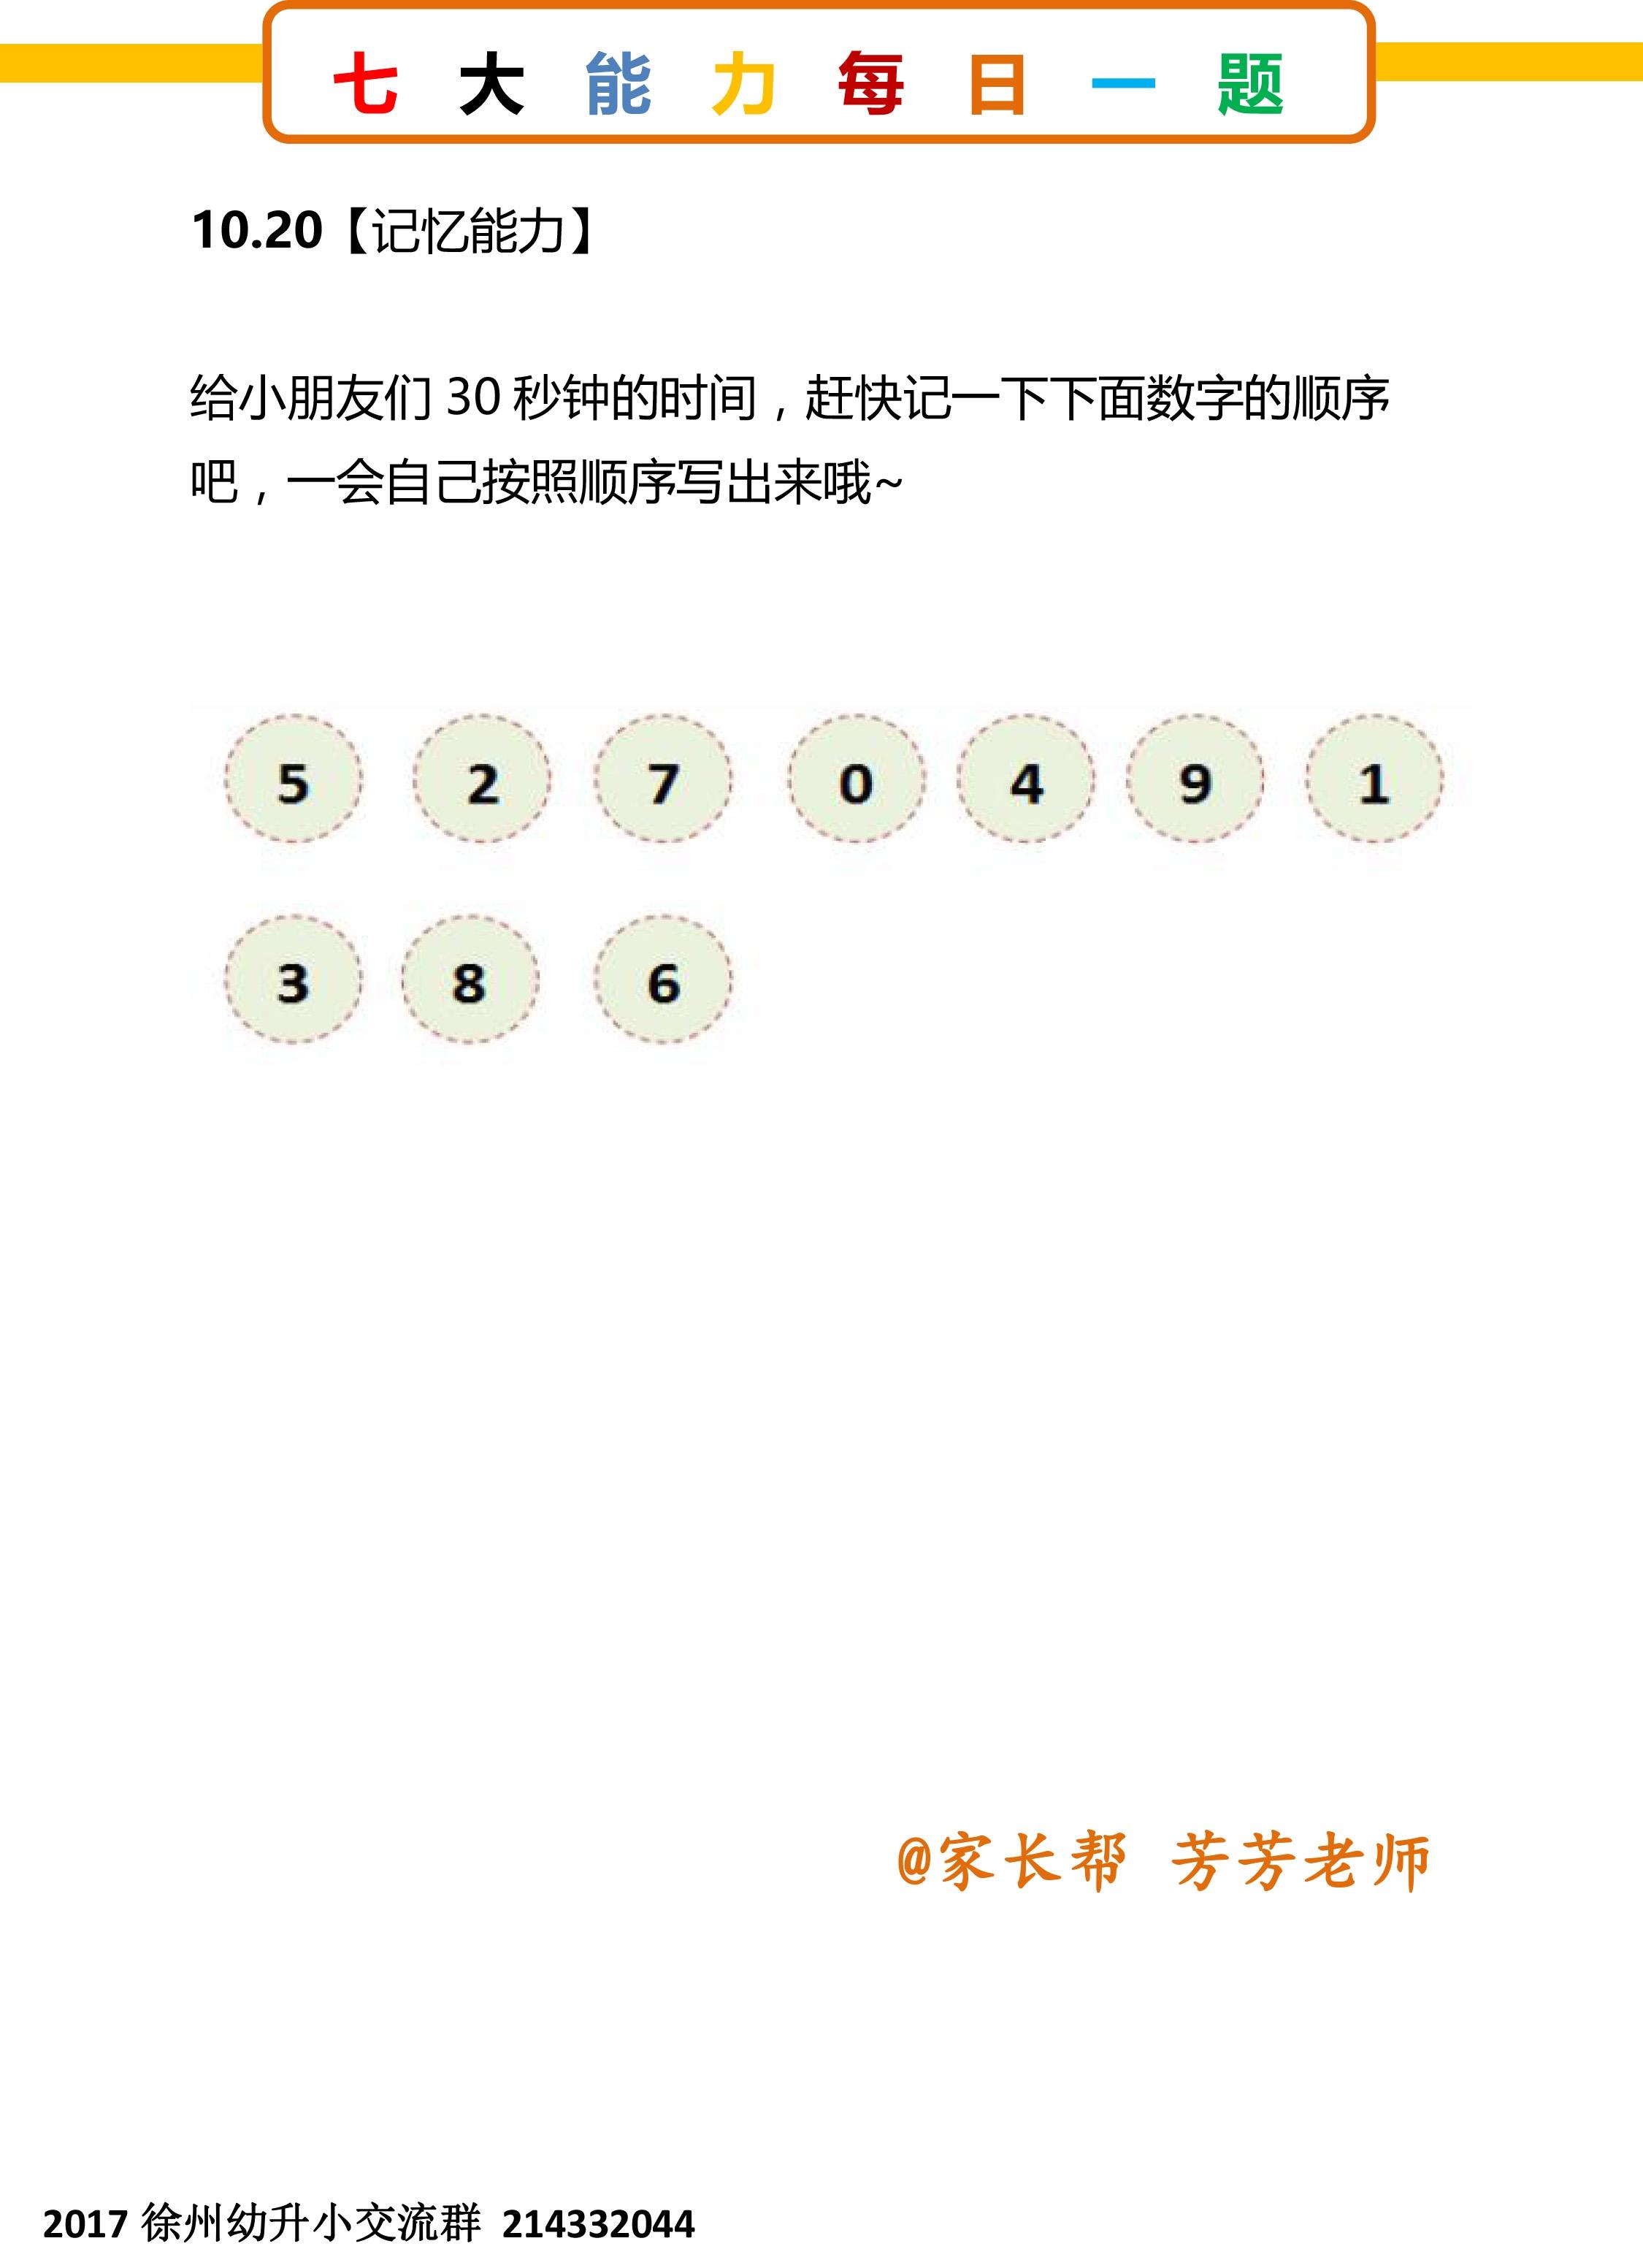 七大能力每日一题10.20.jpg